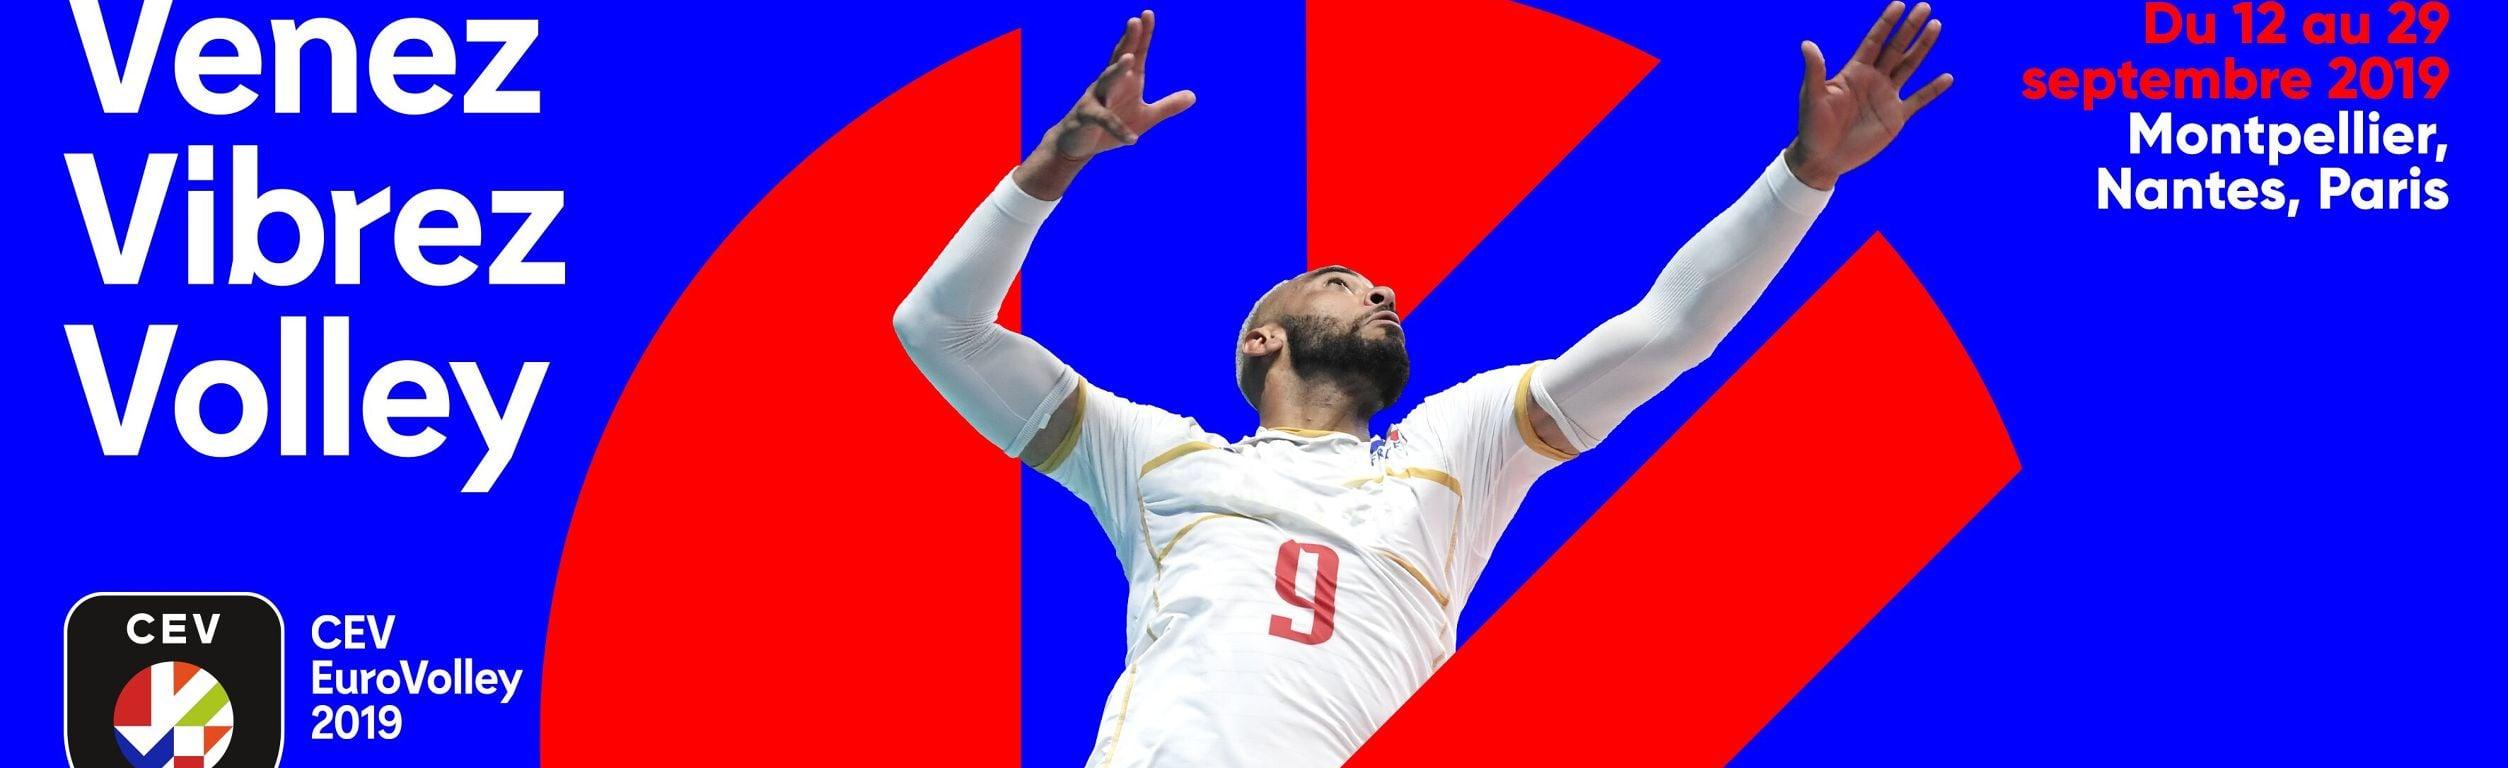 Championnat d'Europe de Volley-ball masculin 2019